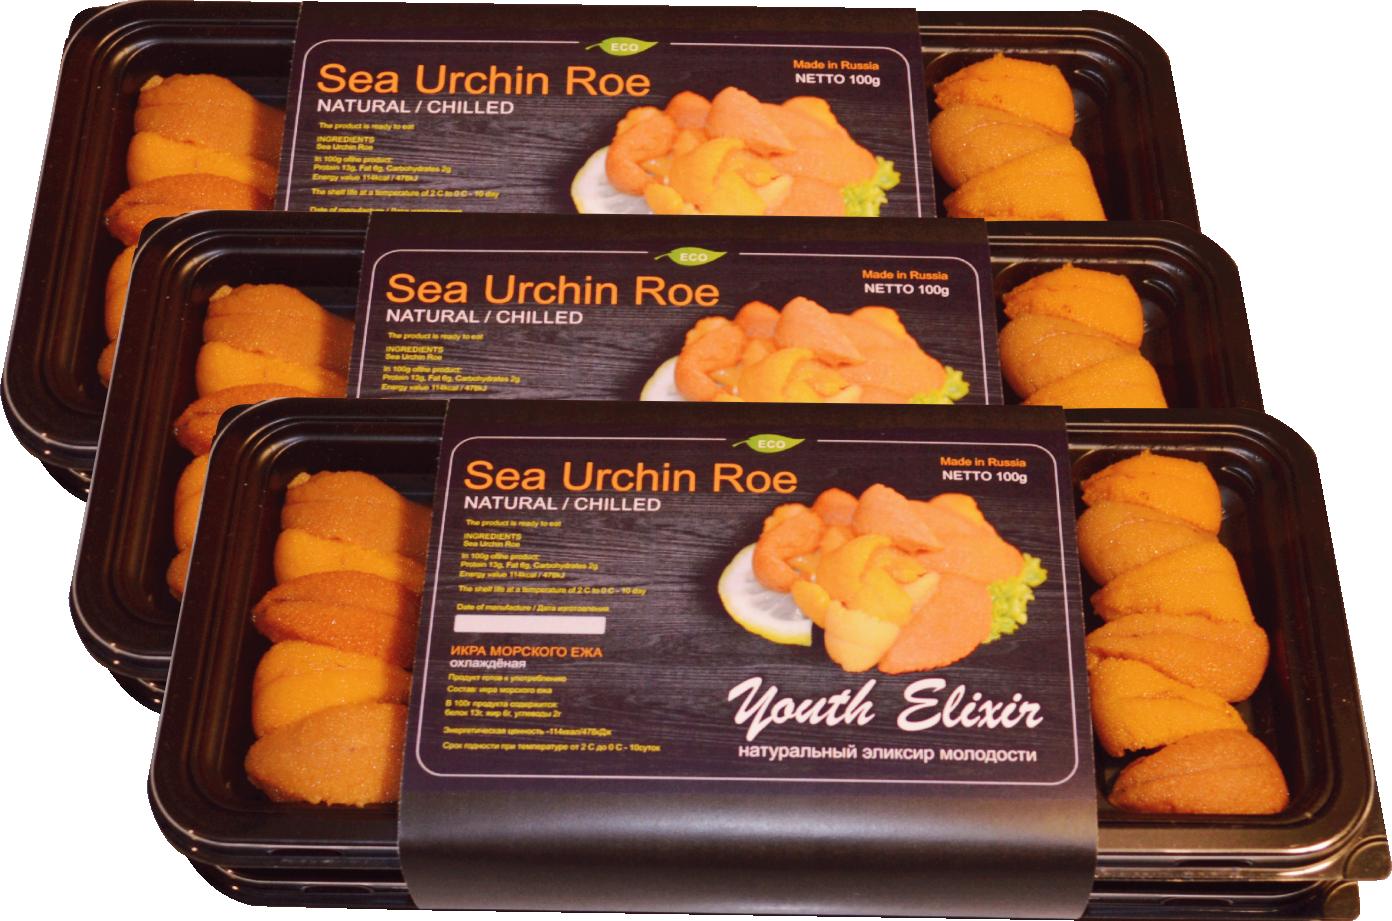 海鲜美味包装独家技术保证海胆籽的高品质